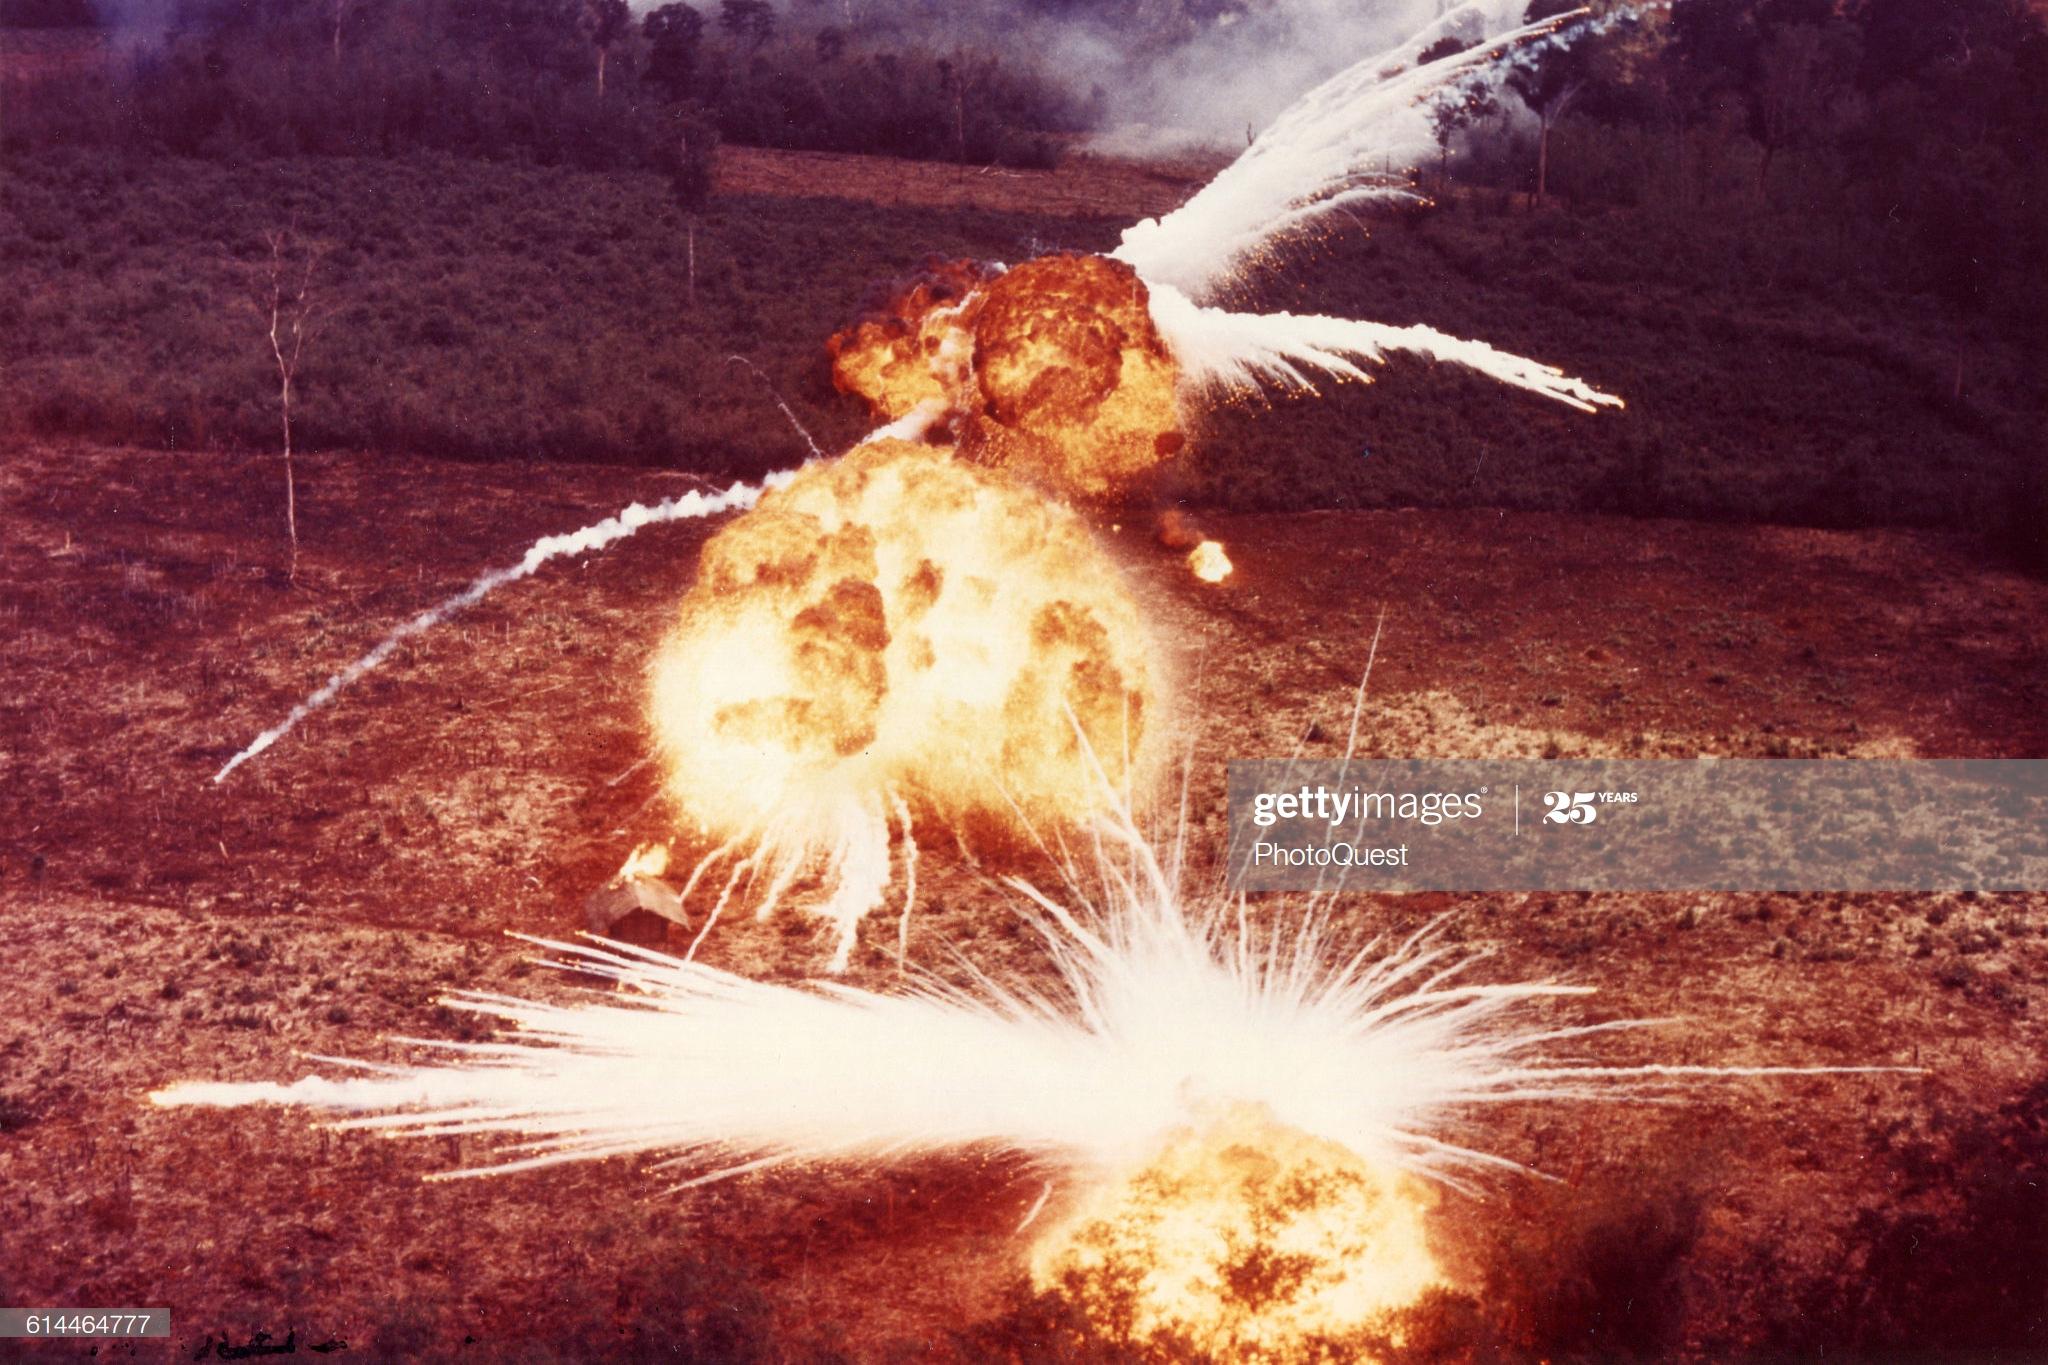 Chùm ảnh: Cảnh tượng hủy diệt khủng khiếp của bom Mỹ ở Việt Nam